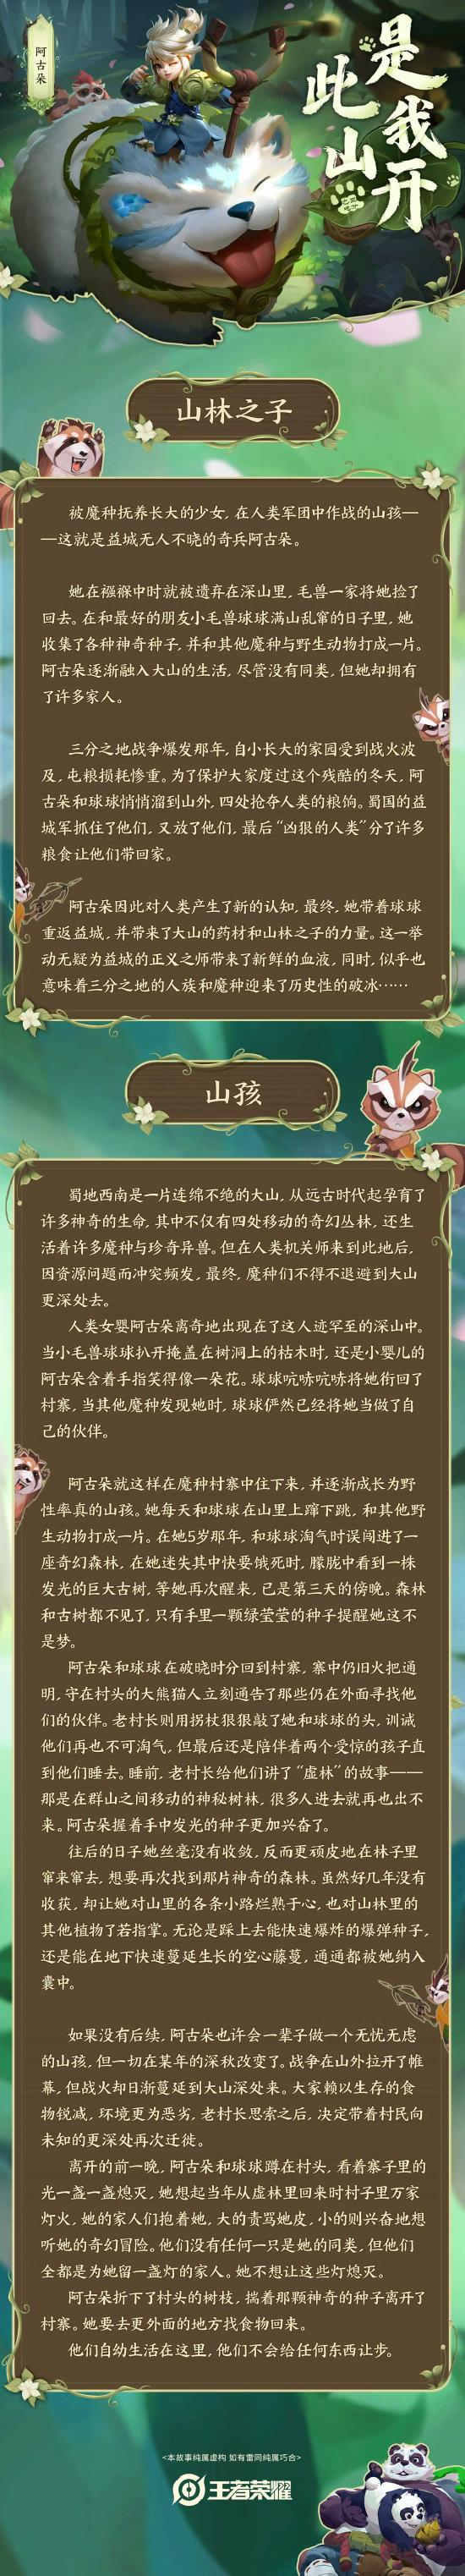 【爆料】英雄故事 | 前方高能!益城山大王阿古朵来了!